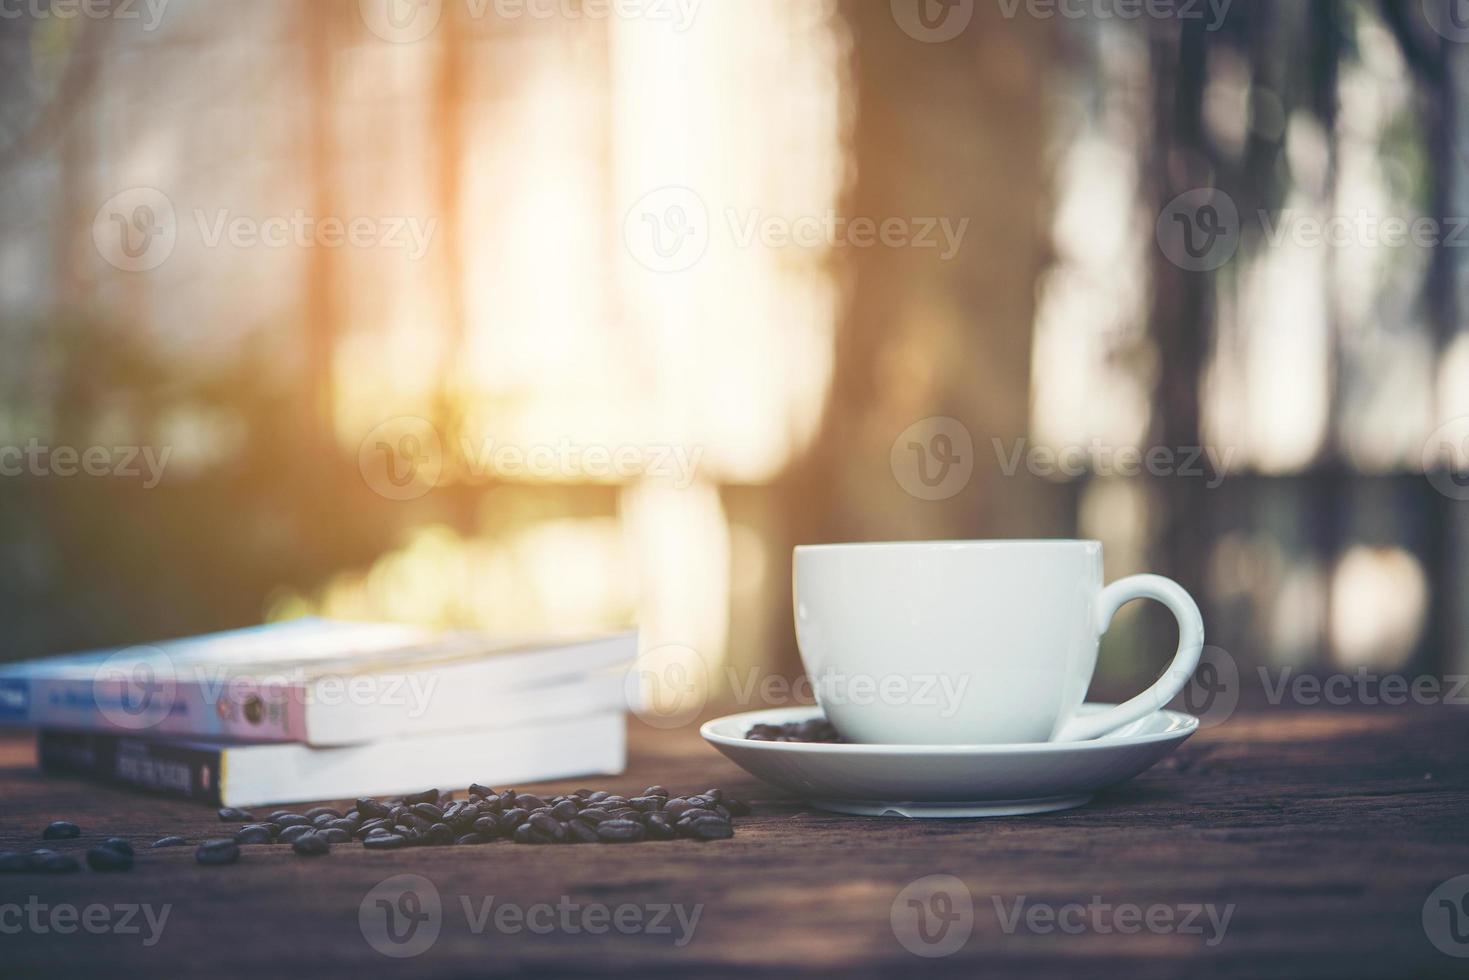 kopje koffie met stapel boeken op natuurlijke ochtend achtergrond foto